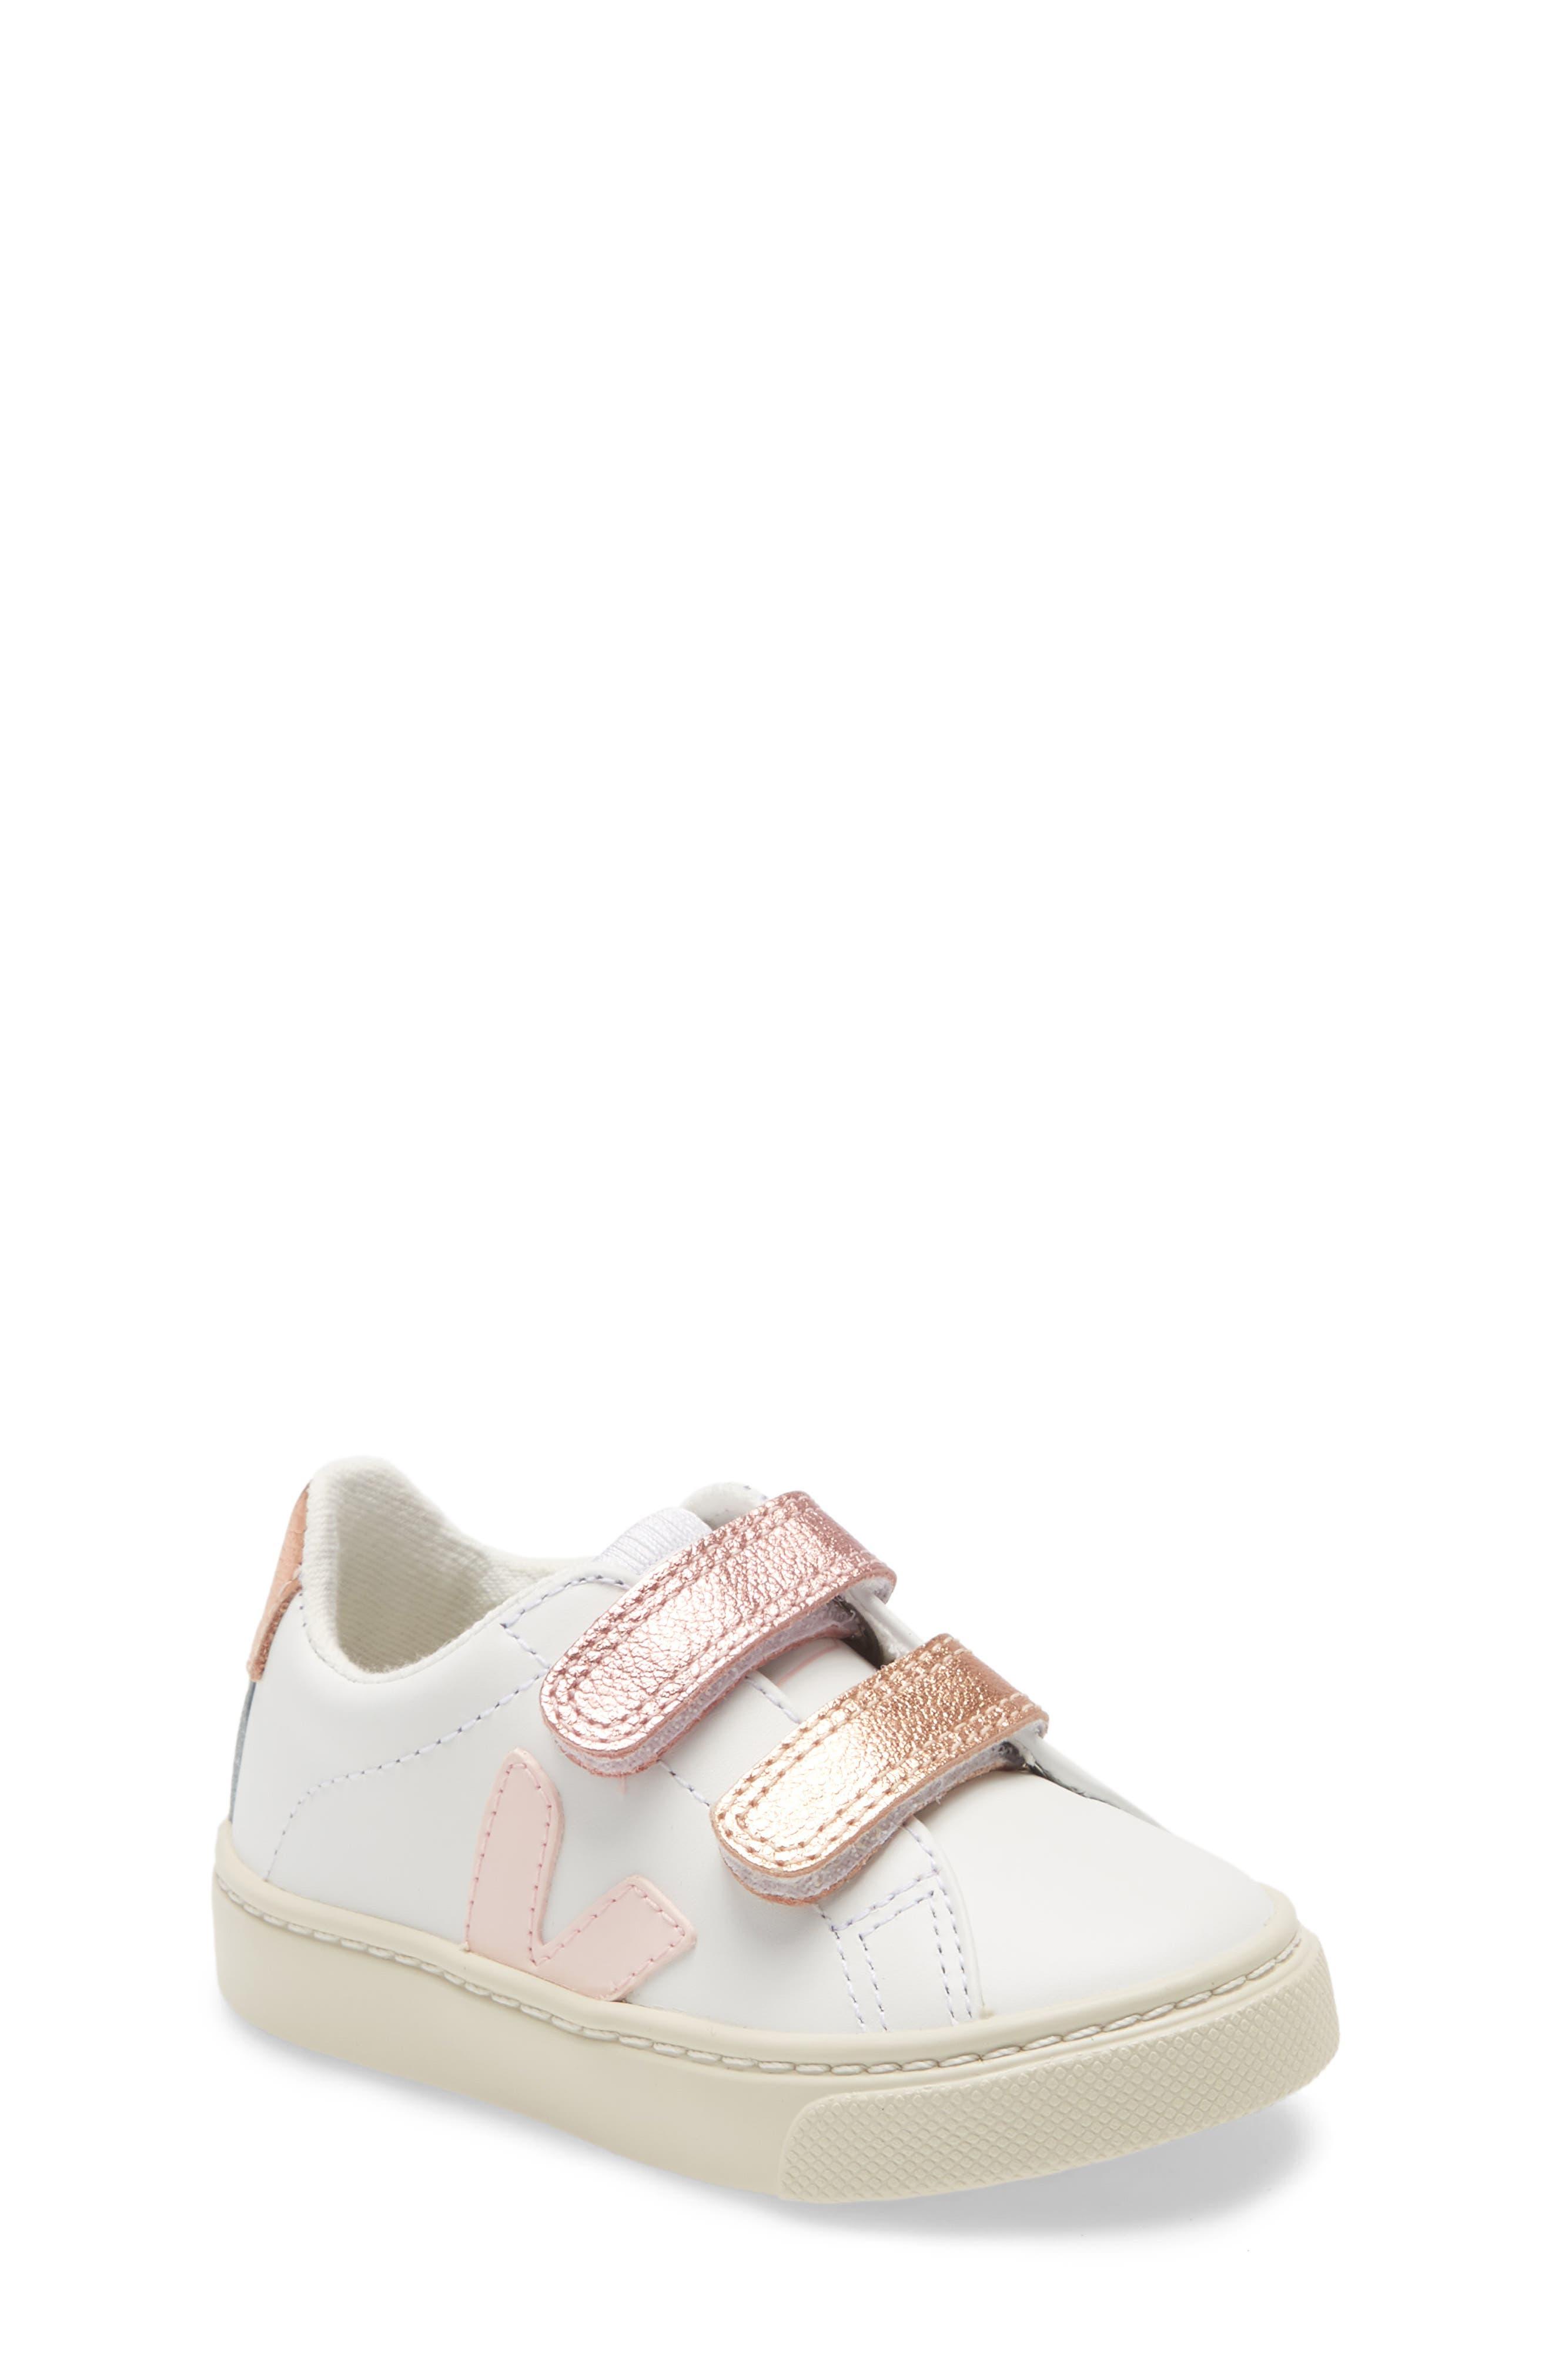 Baby Veja, Walker \u0026 Toddler Shoes